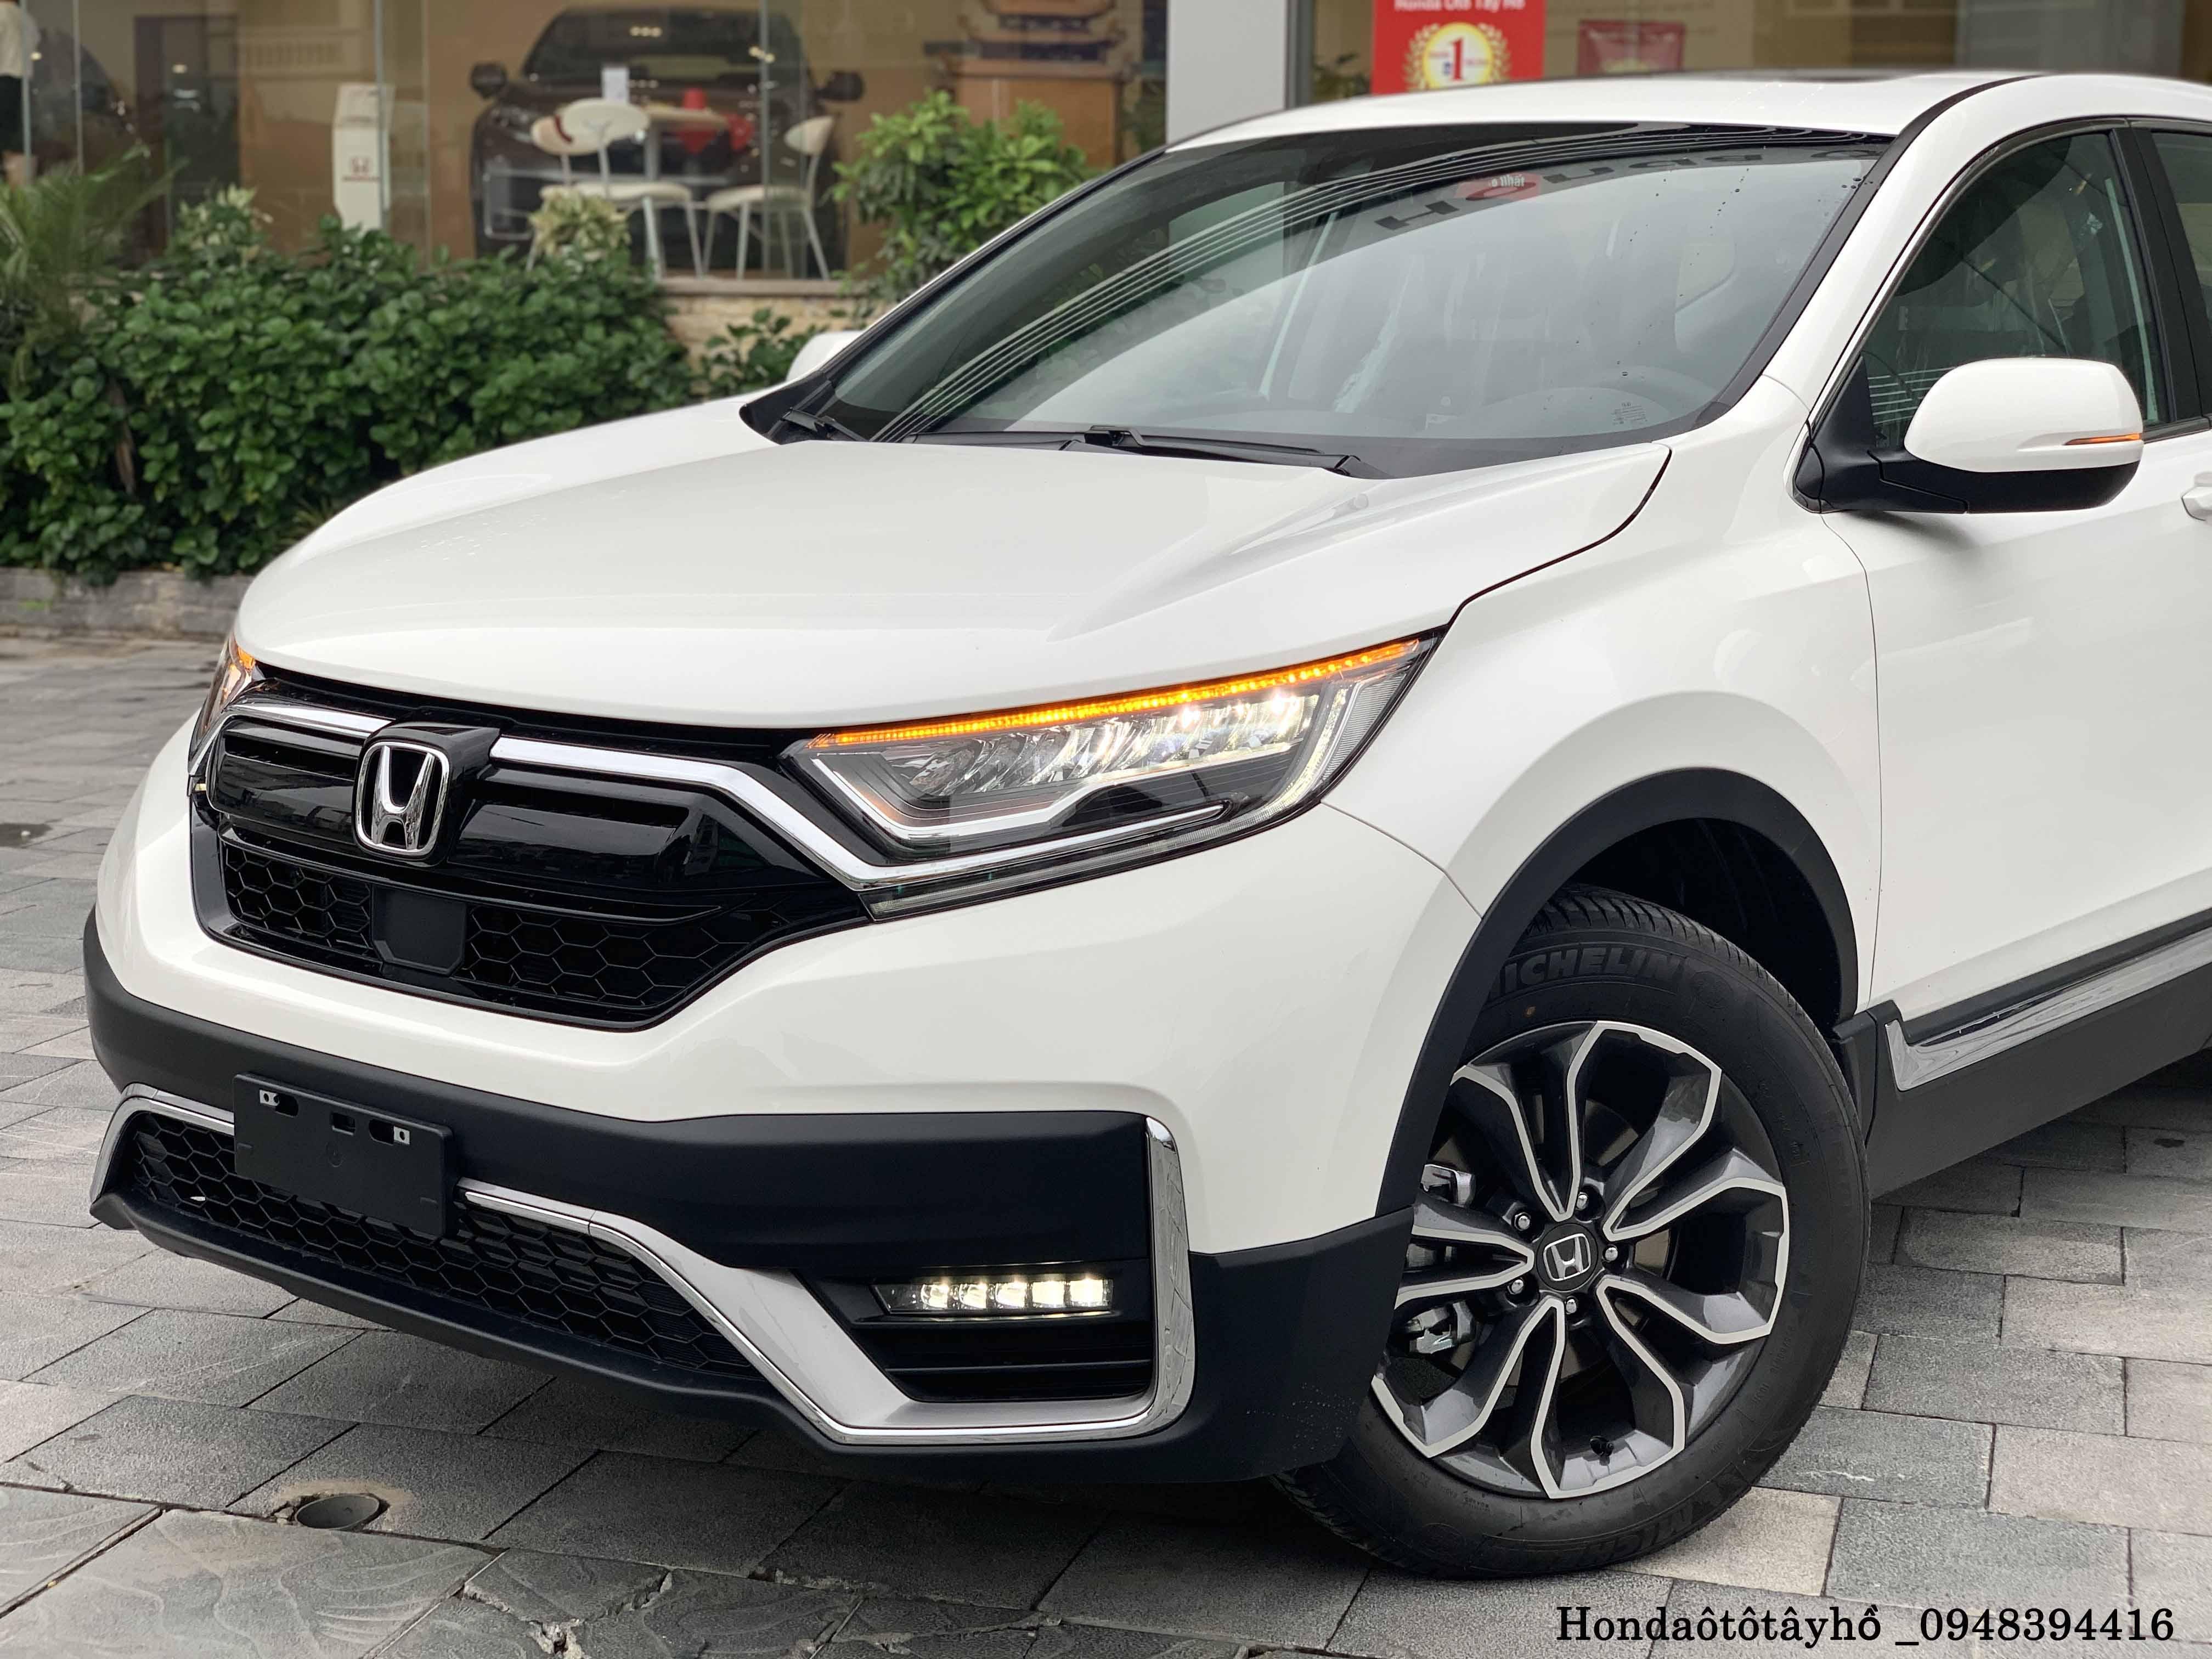 Đánh giá chi tiết Honda CRV 2021 mới nhất [Thông số kỹ thuật & Giá bán]